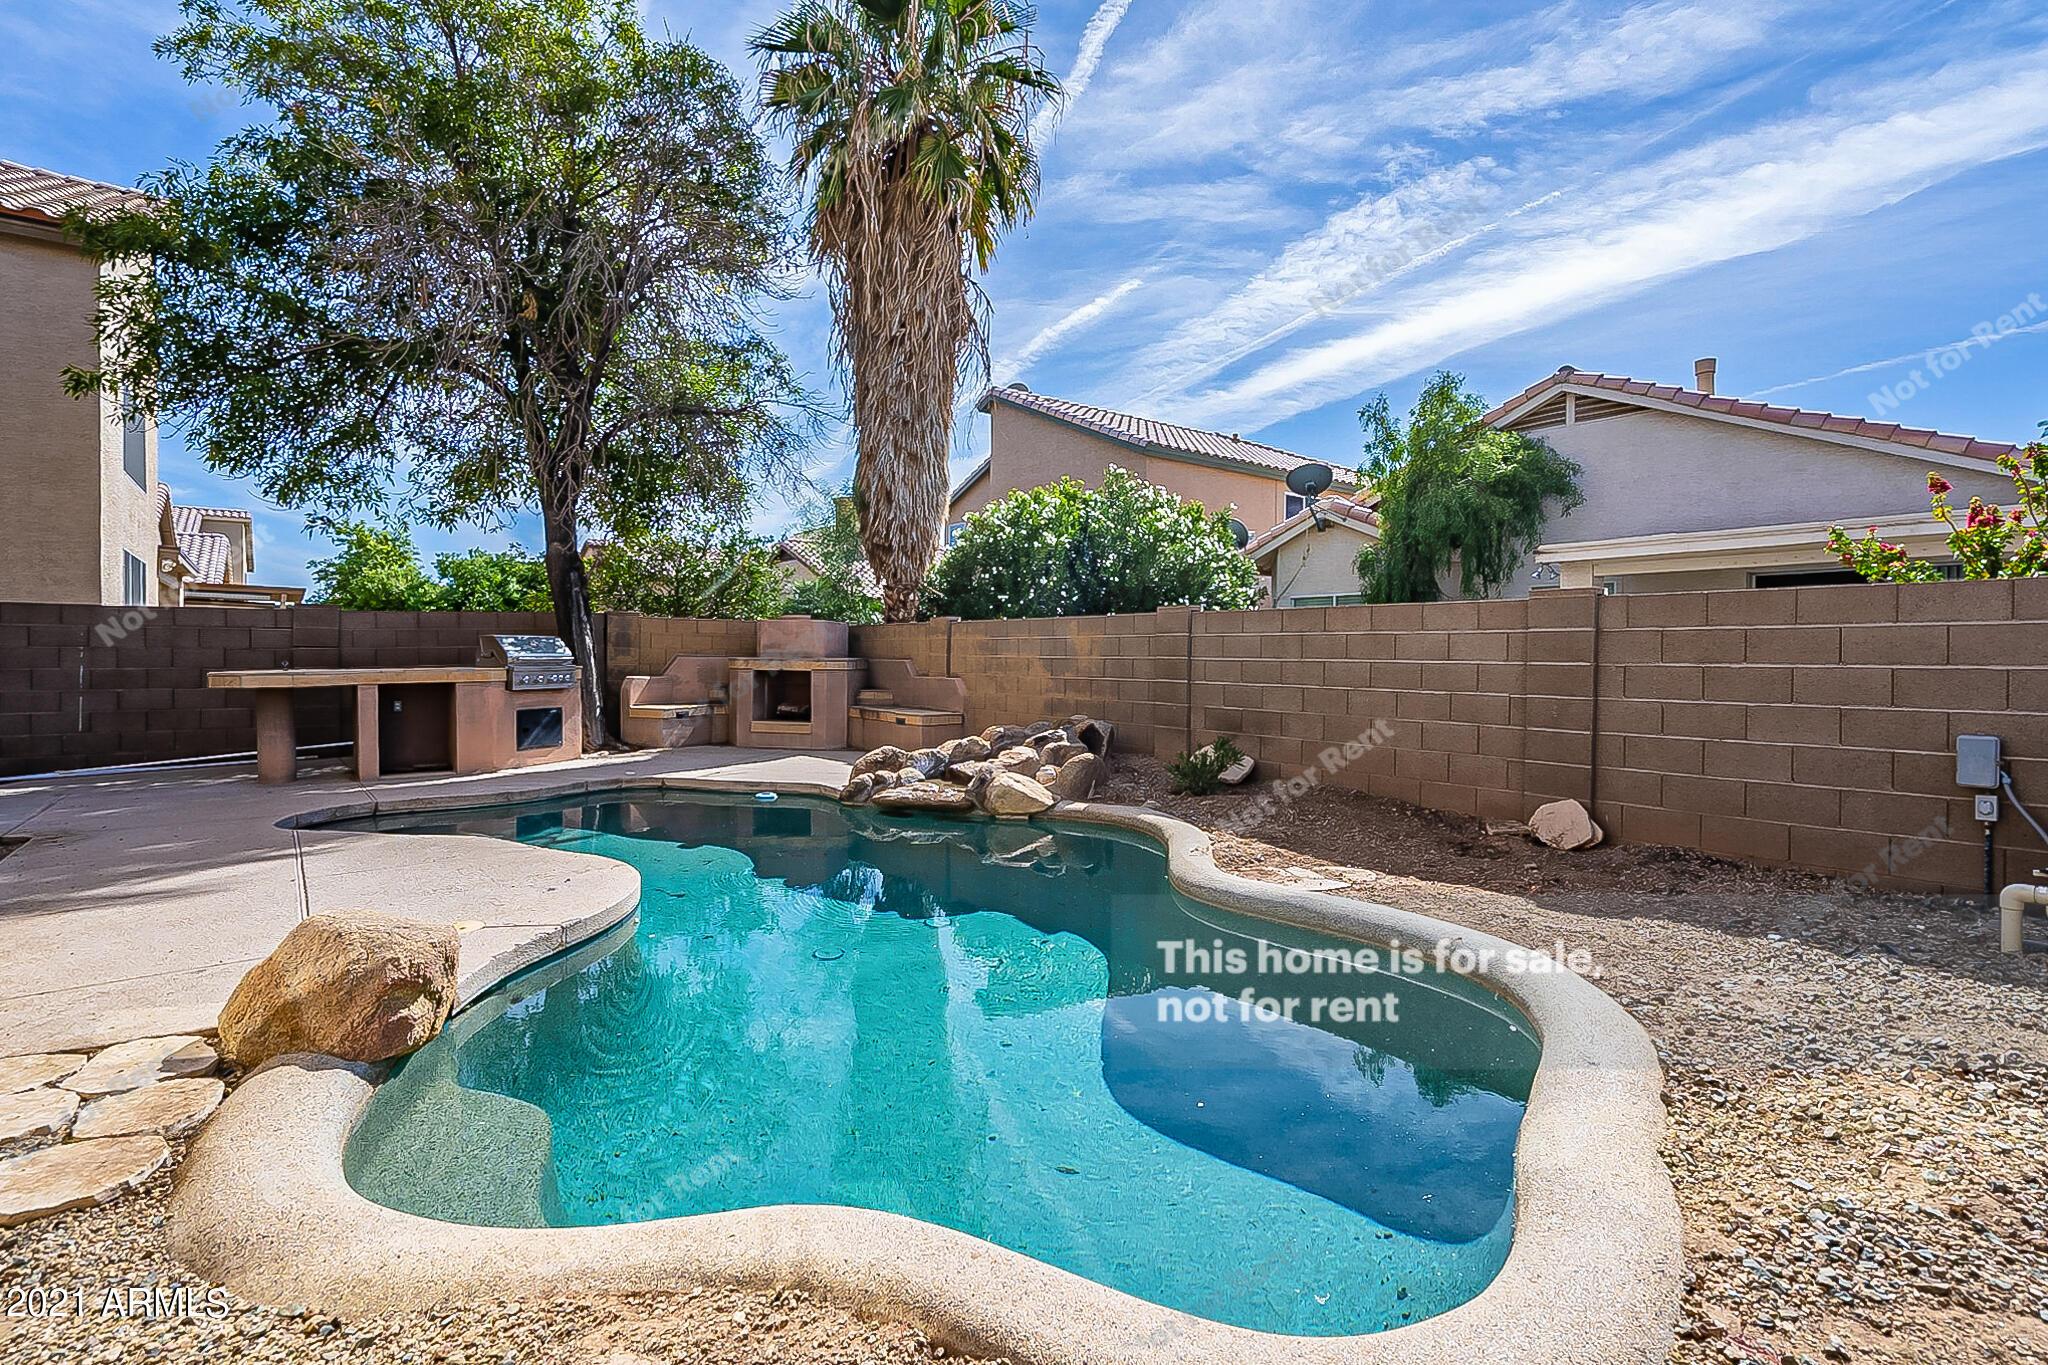 MLS 6311079 4571 W TOLEDO Street, Chandler, AZ 85226 Chandler AZ West Chandler